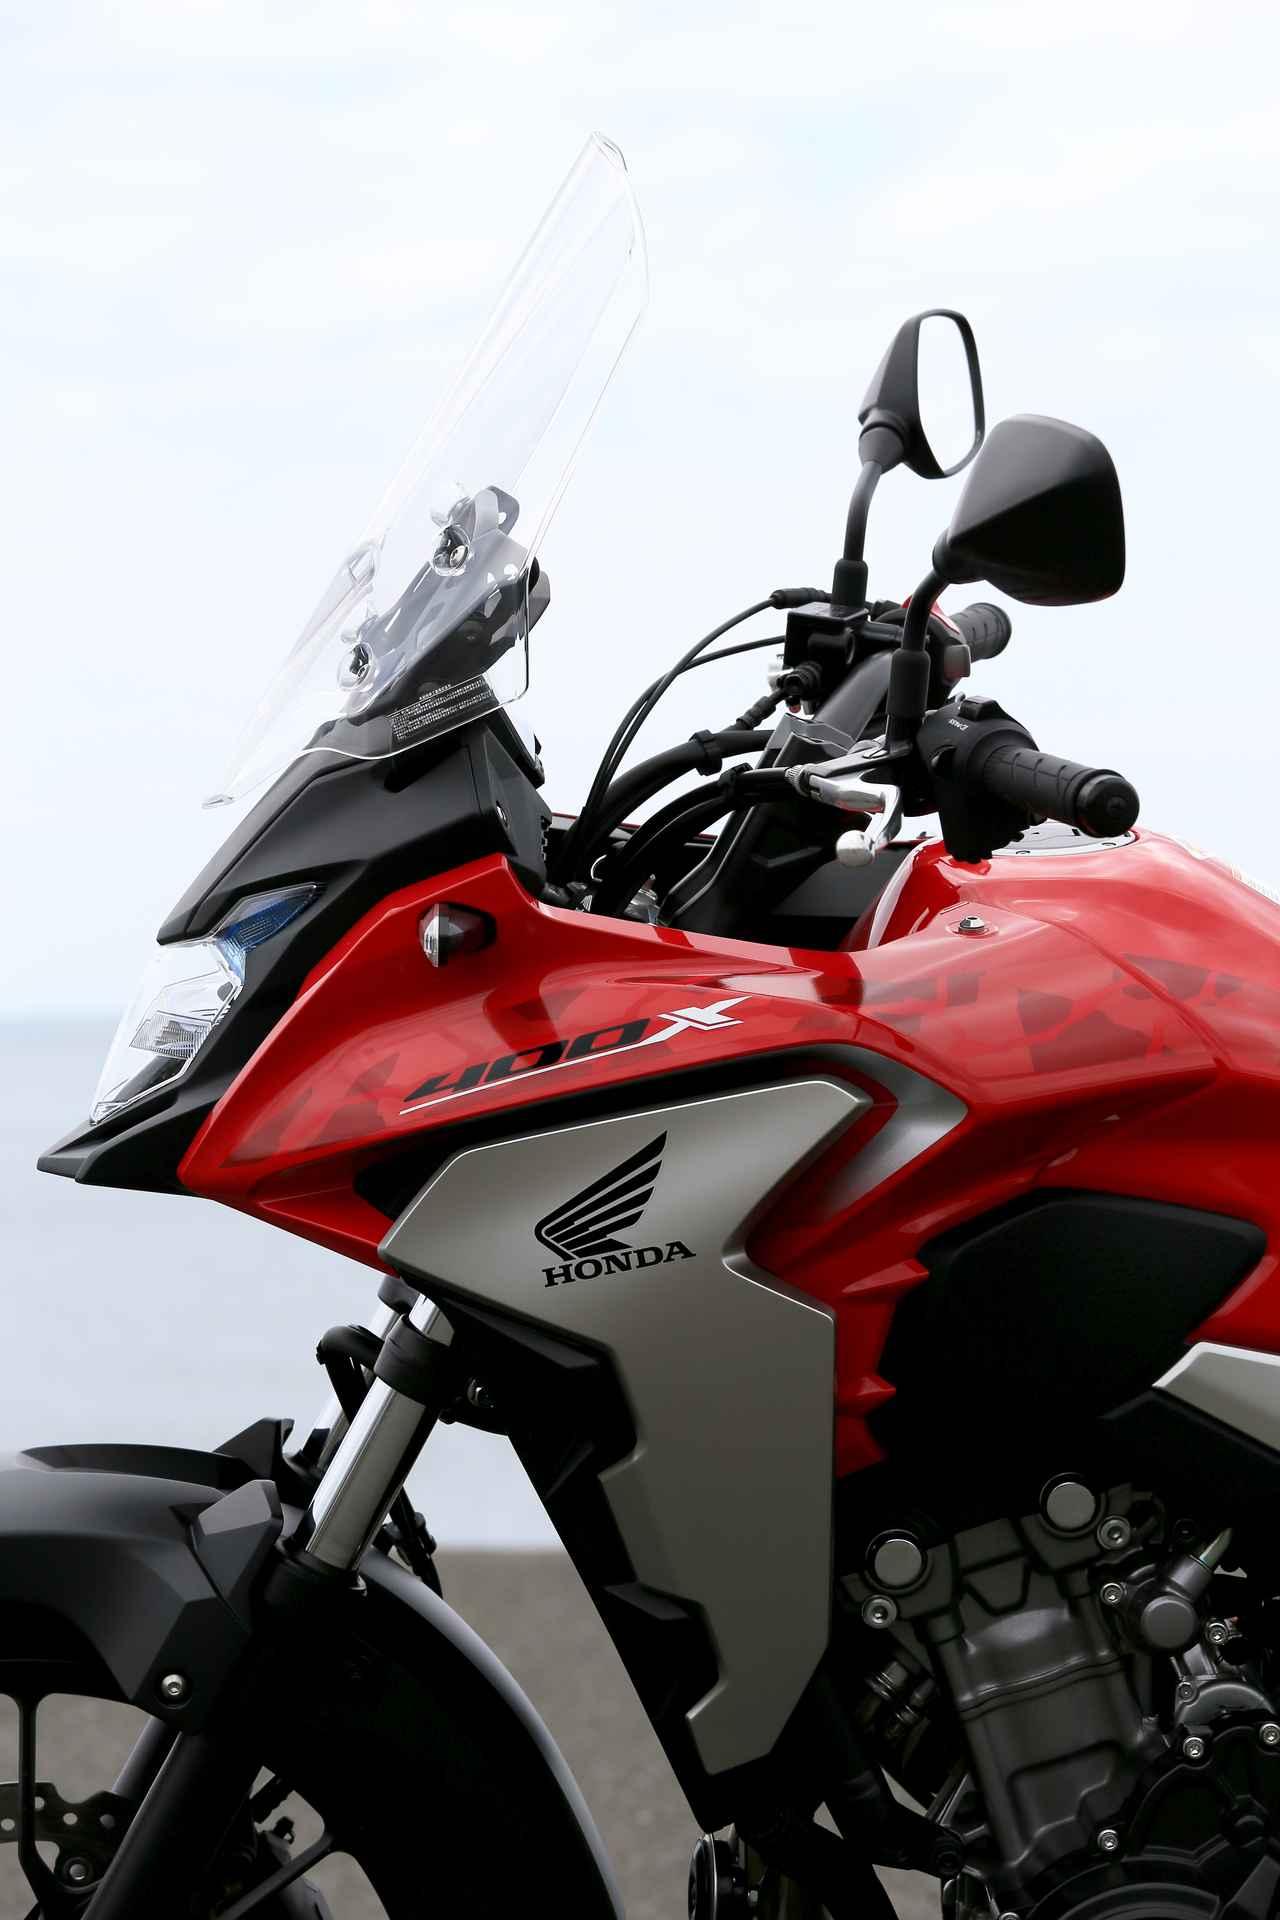 画像1: 新型400Xがスゴすぎっ!? 中免ライダーの最強旅バイクはこれで決定!【ホンダオールすごろく/第29回 400X】